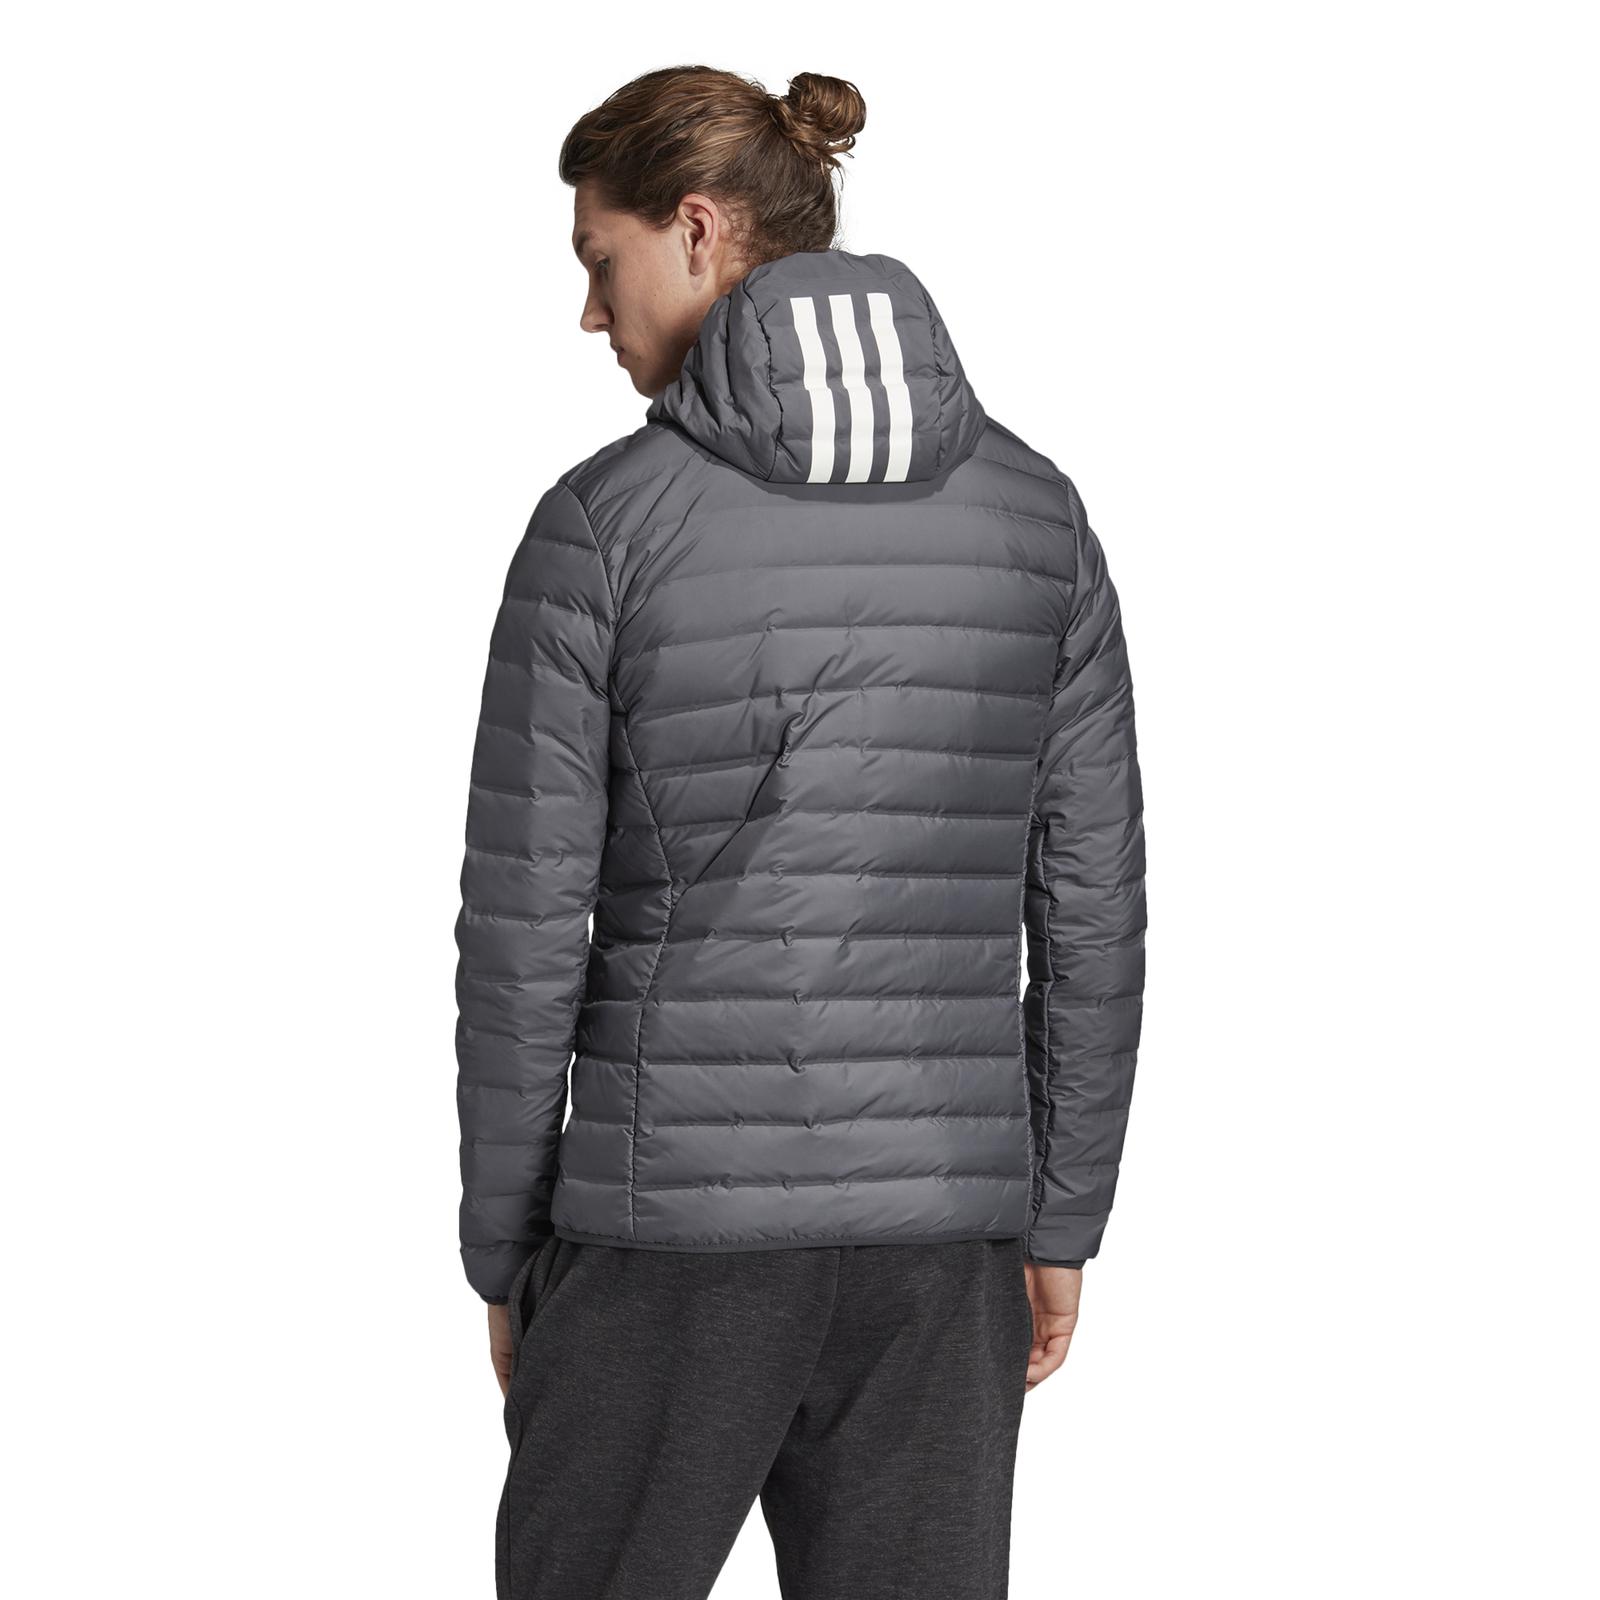 Details zu adidas Performance Herren Daunenjacke Varilite Soft 3S Soft Hooded carbon